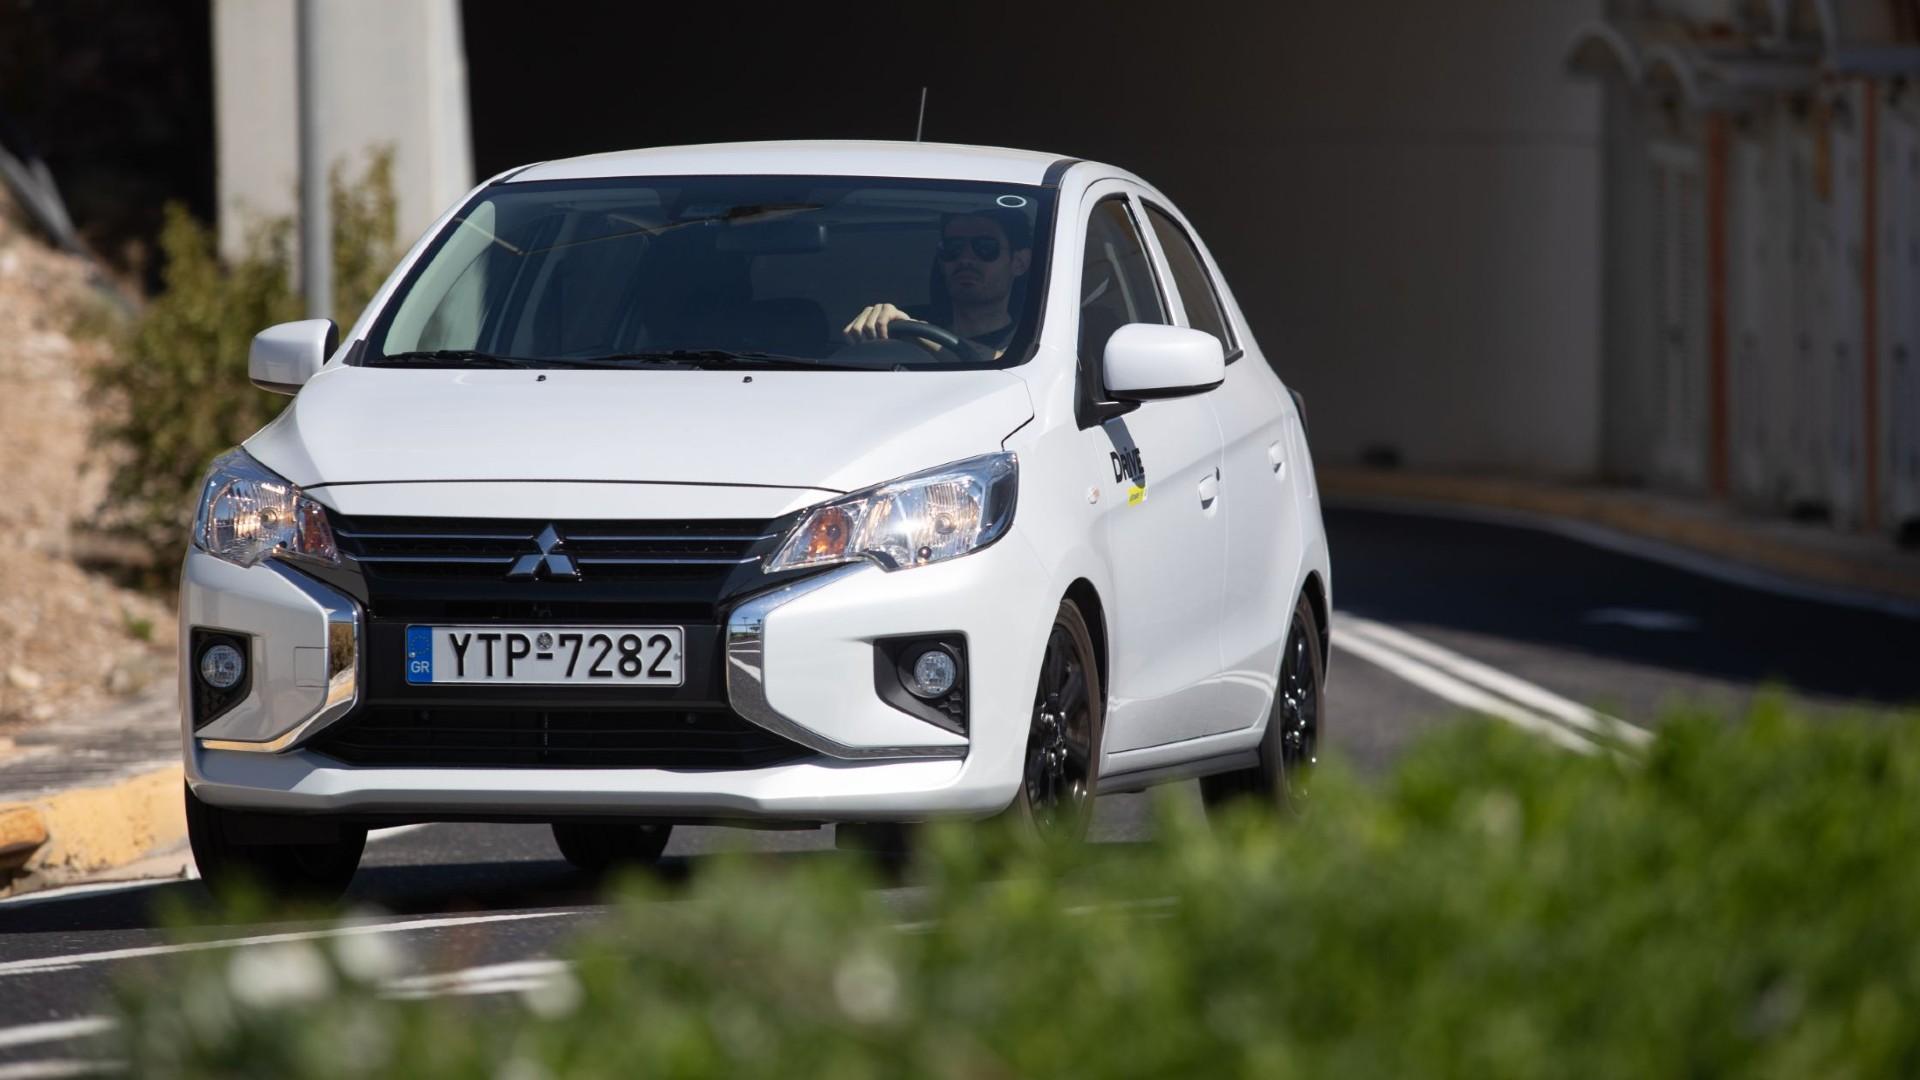 Νέες τιμές για τα μοντέλα της Mitsubishi στην ελληνική αγορά